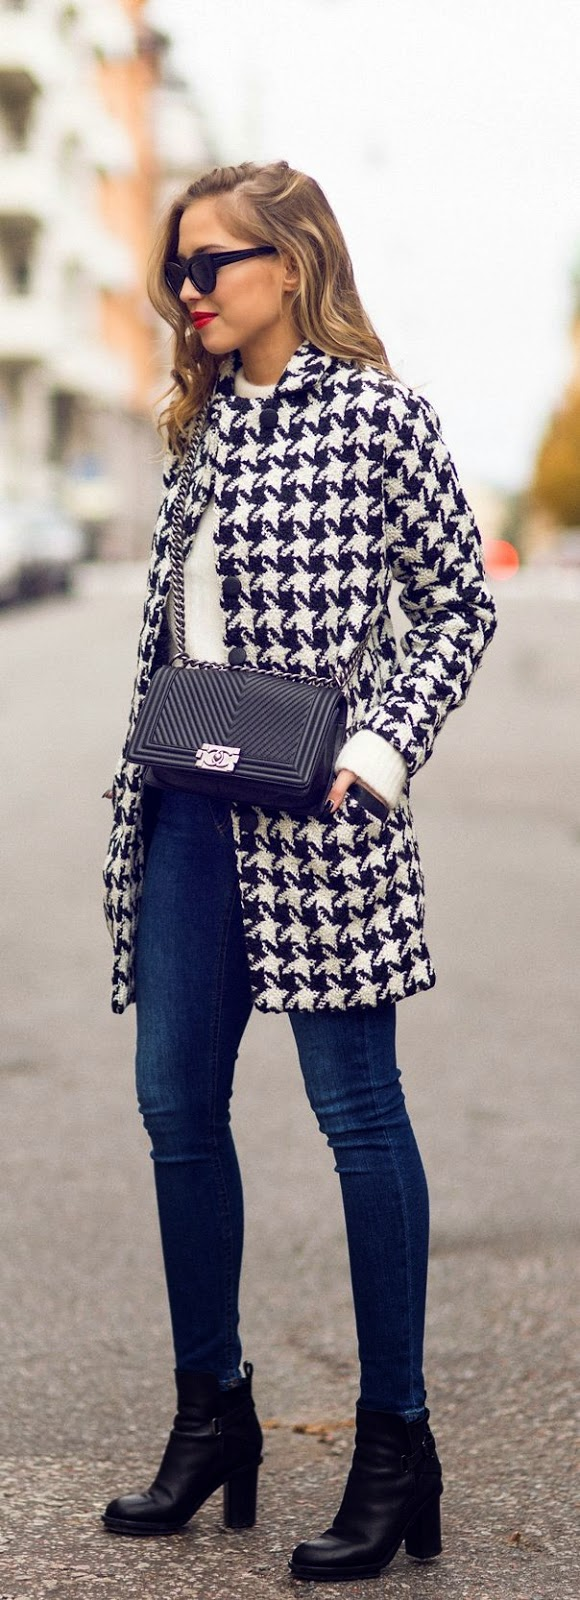 Stylish fall fashion...